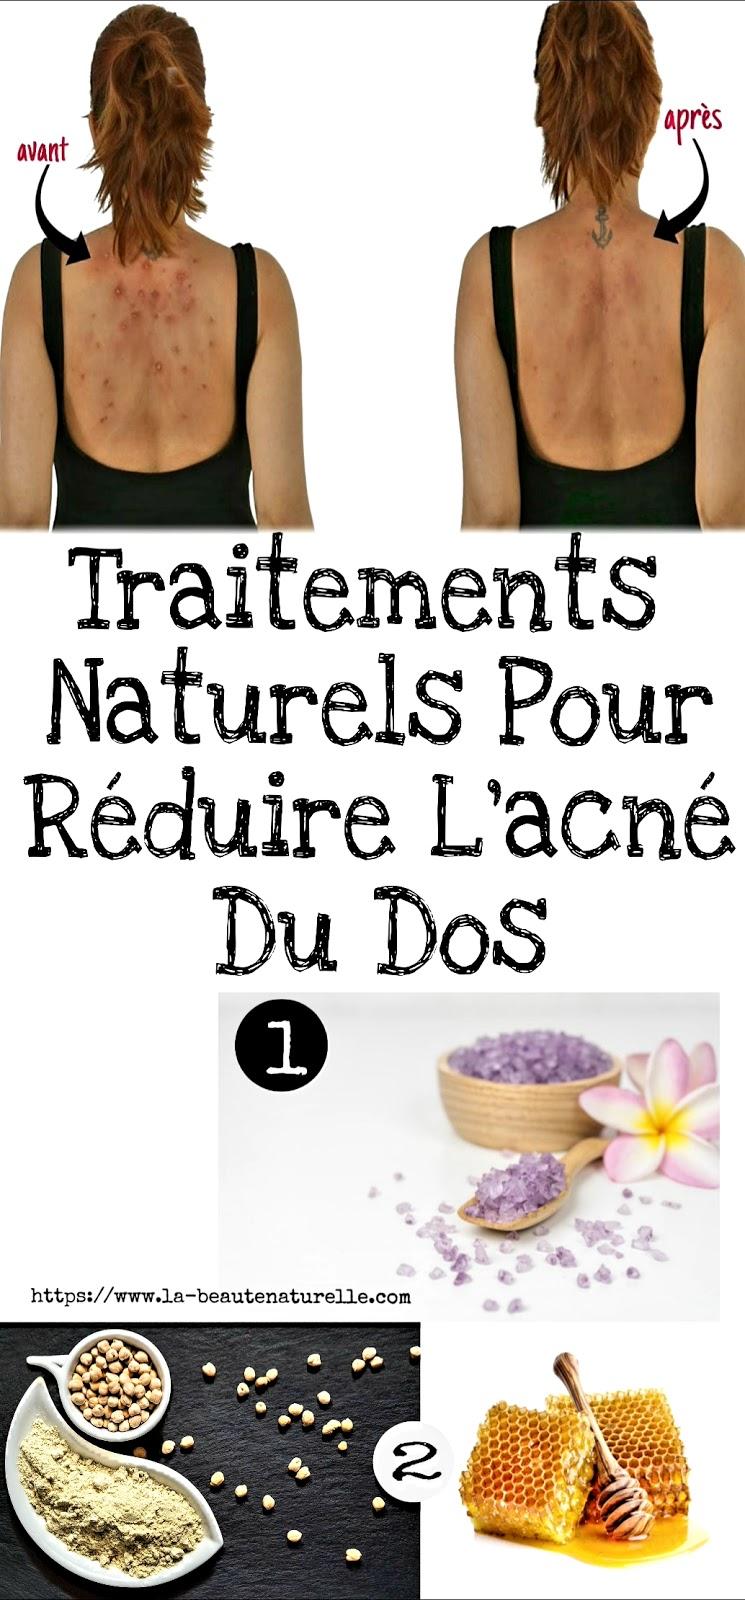 Traitements Naturels Pour Réduire L'acné Du Dos